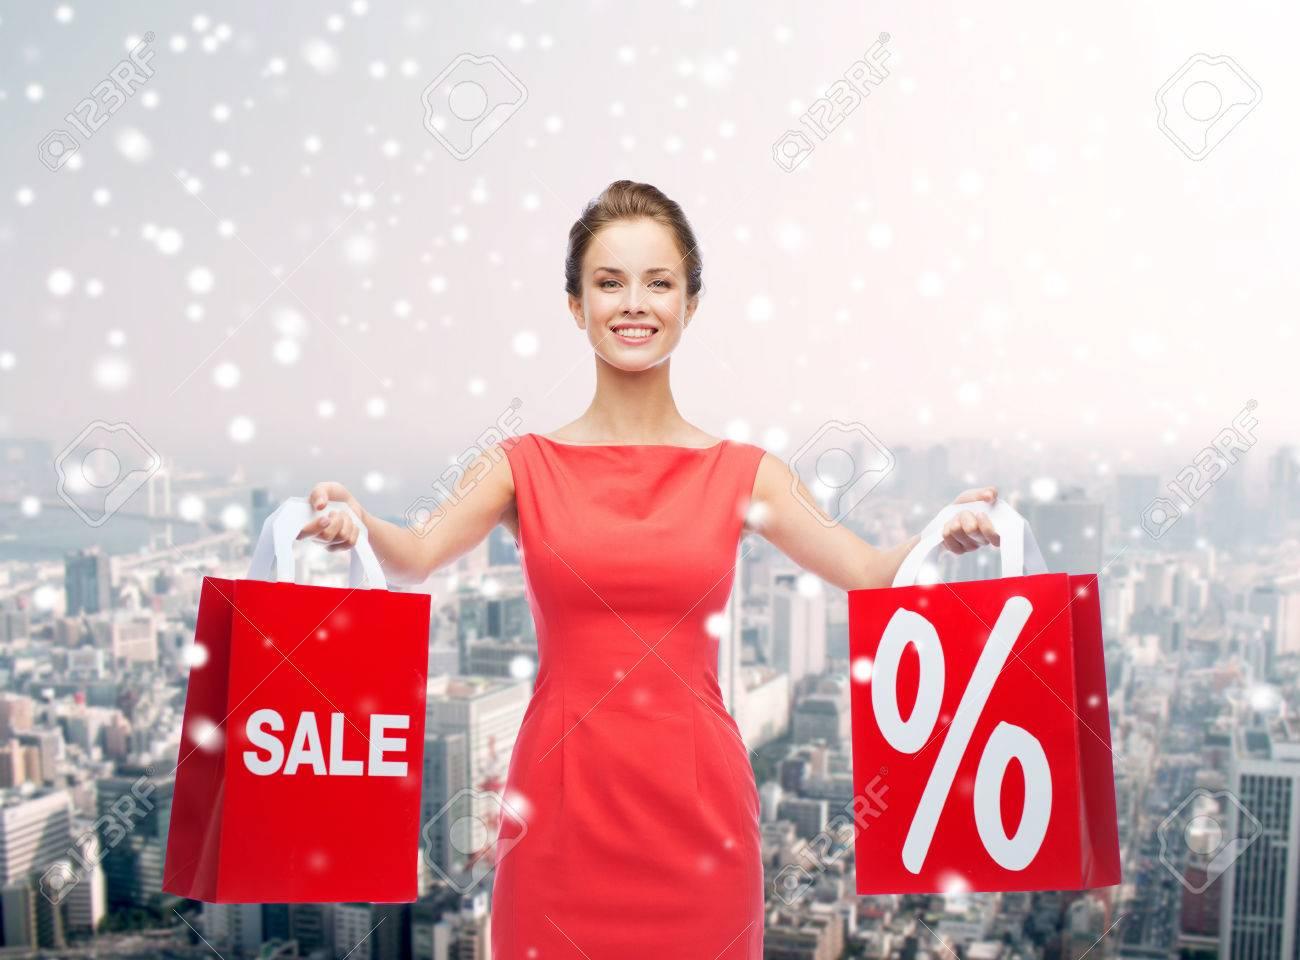 Menschen, Verkauf, Geschenke, Weihnachts-und Urlaubskonzept ...